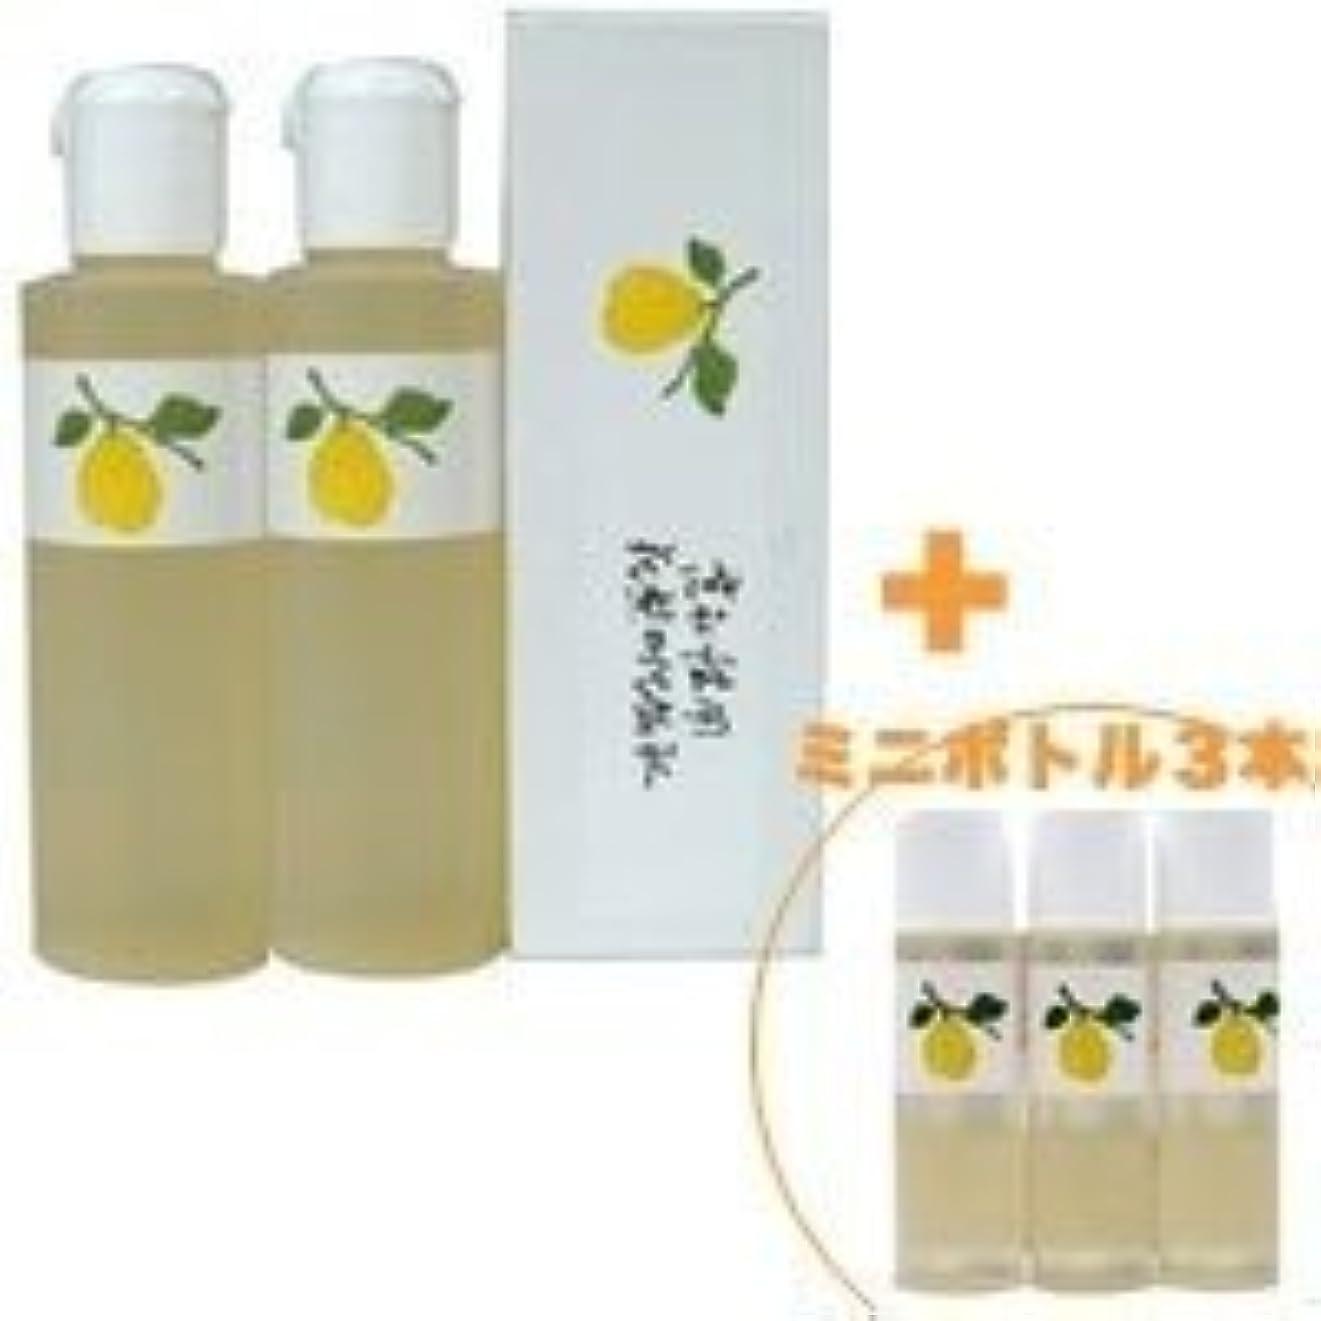 リベラルハイランド歪める花梨の化粧水 200ml 2本&ミニボトル 3本 美容液 栄養クリームのいらないお肌へ 保湿と乾燥対策に